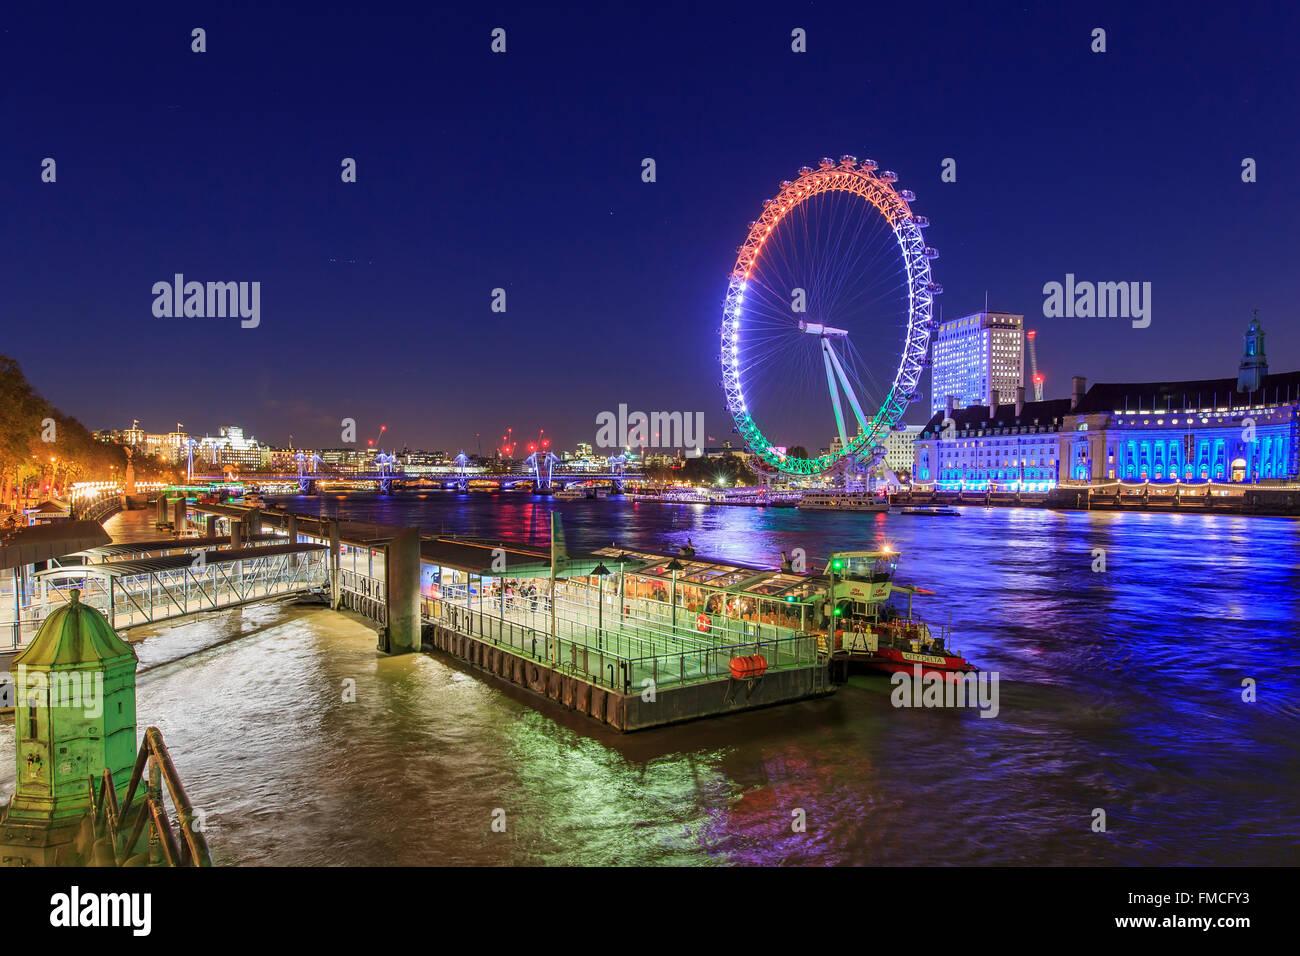 Viaggiando nel famoso London Eye, London, Regno Unito intorno al crepuscolo Immagini Stock